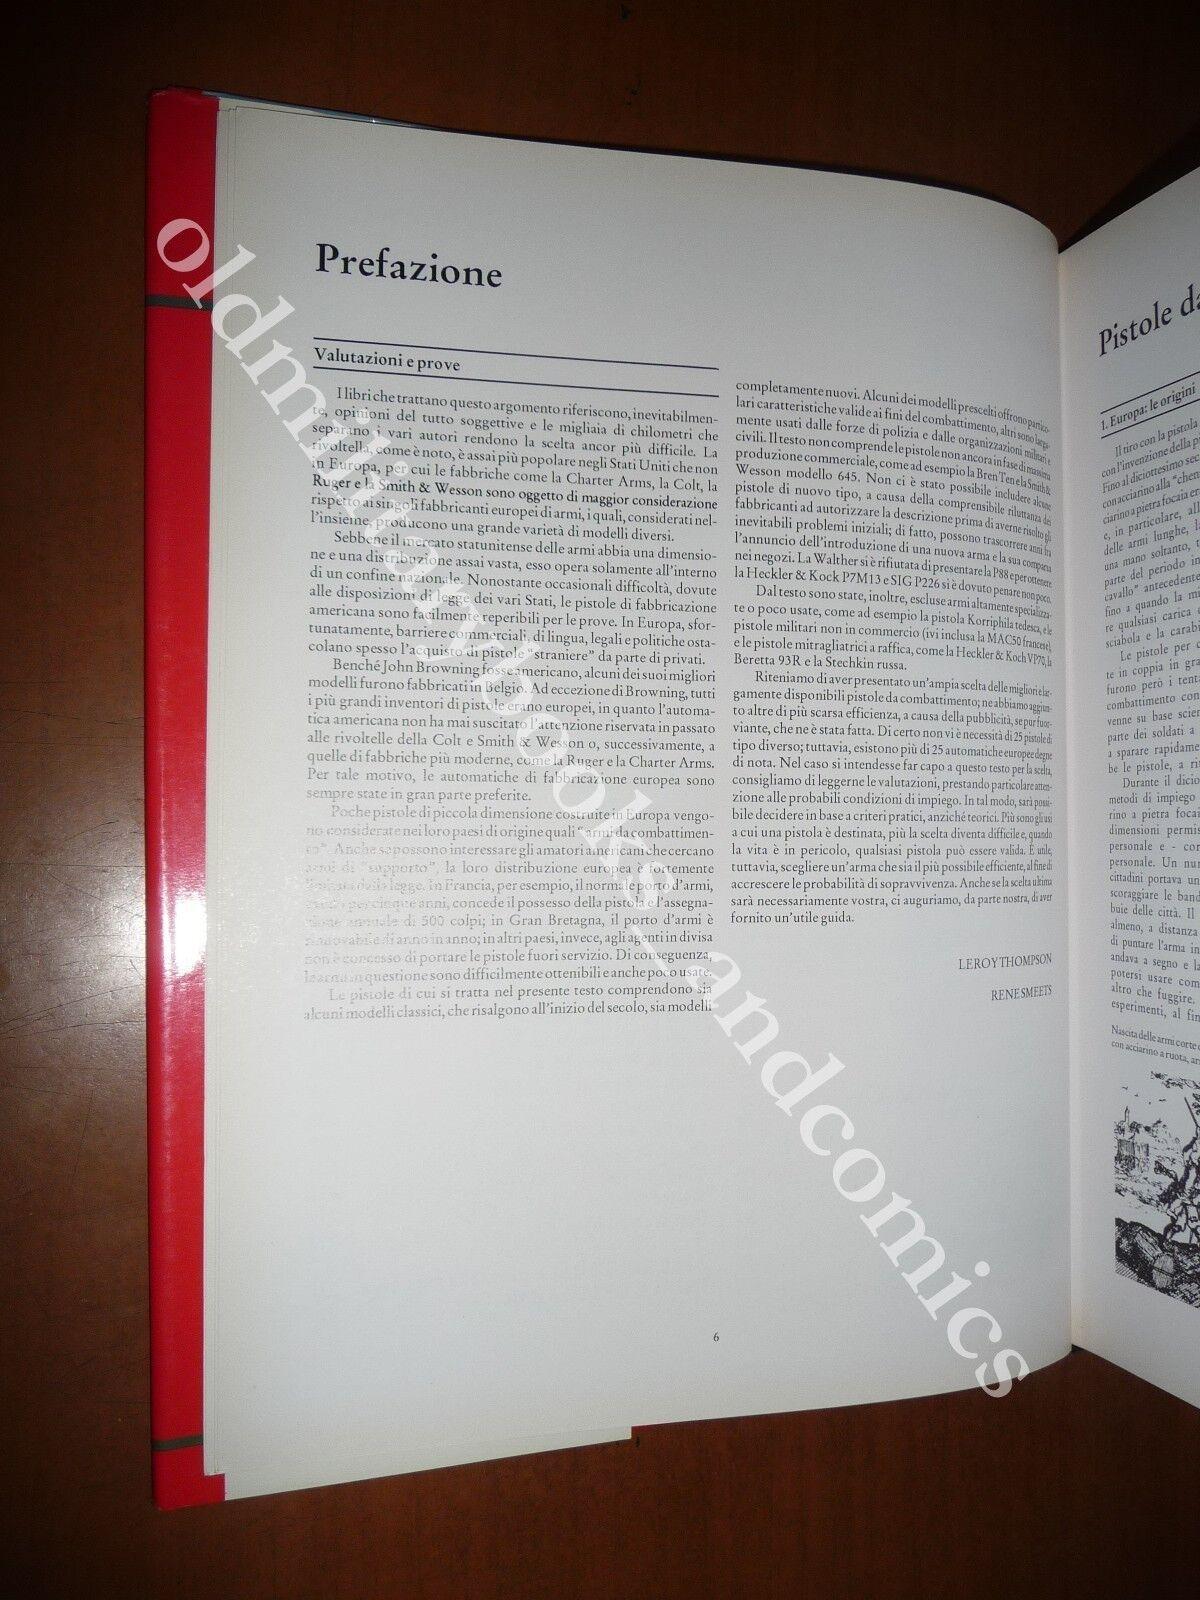 ARMI CORTE DA COMBATTIMENTO THOMPSON-SMEETS 1992 ARMI DA FUOCO PISTOLE REVOLVER